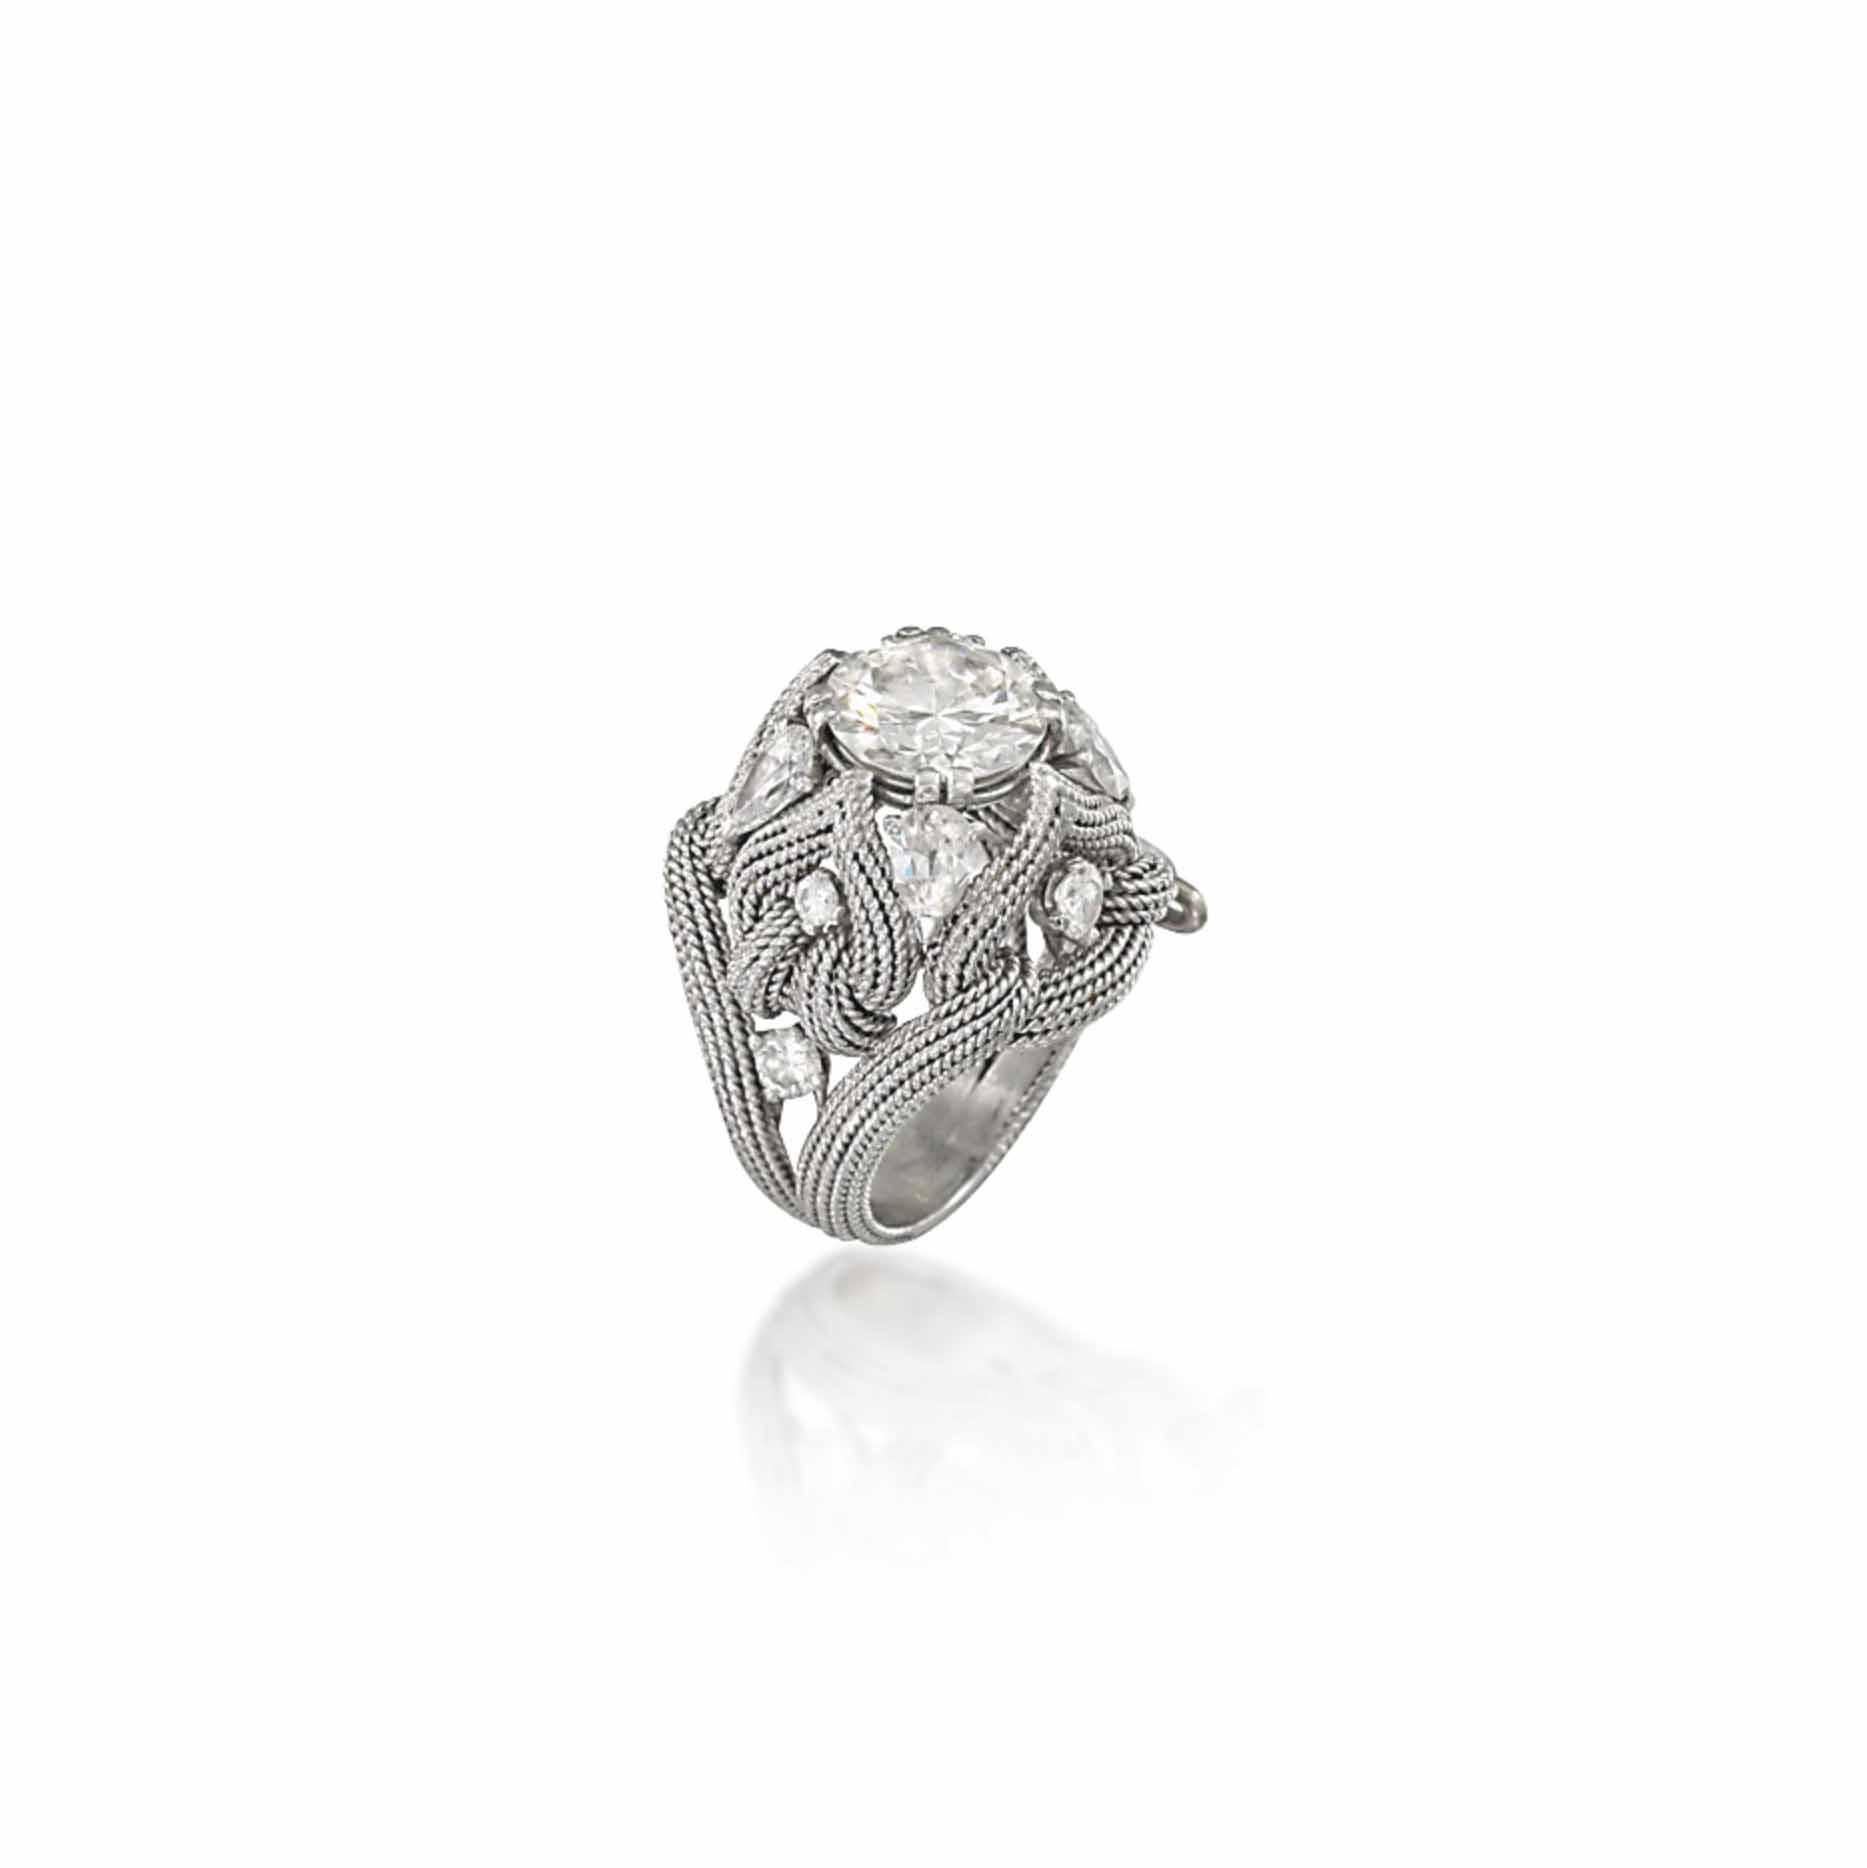 A DIAMOND-SET DRESS RING, BY STERLÉ